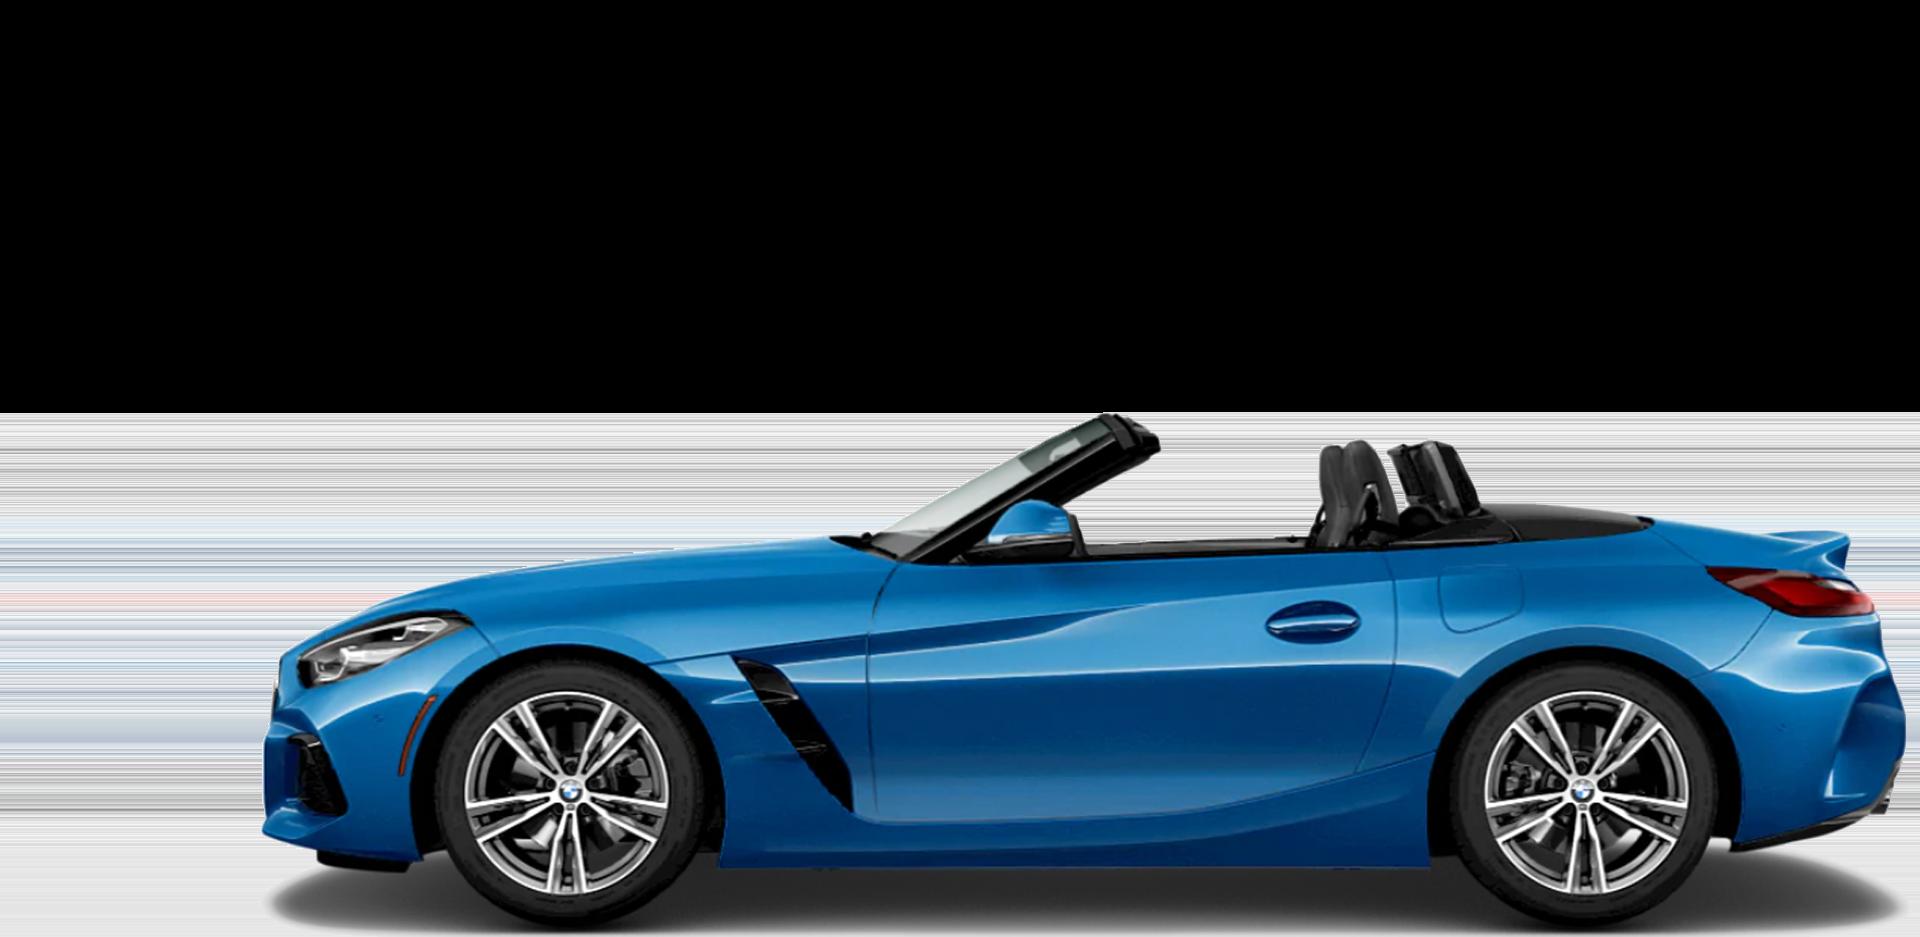 Z4 Models BMW Century West BMW